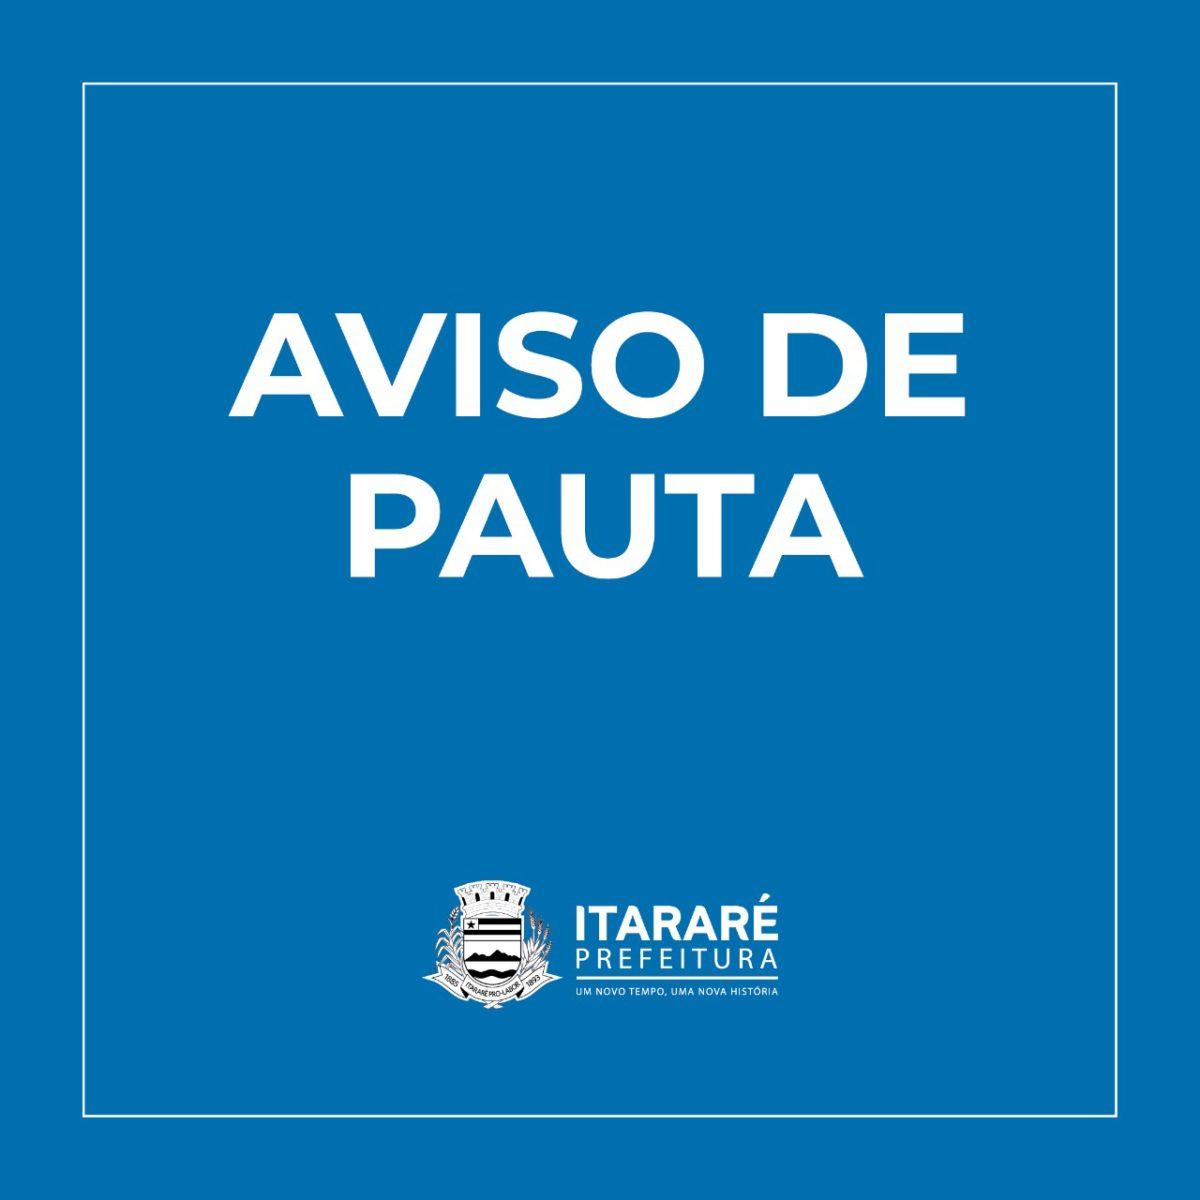 AVISO DE PAUTA: Prefeitura de Itararé (SP) recebe secretário estadual de Infraestrutura e Meio Ambiente nesta quarta-feira (04)